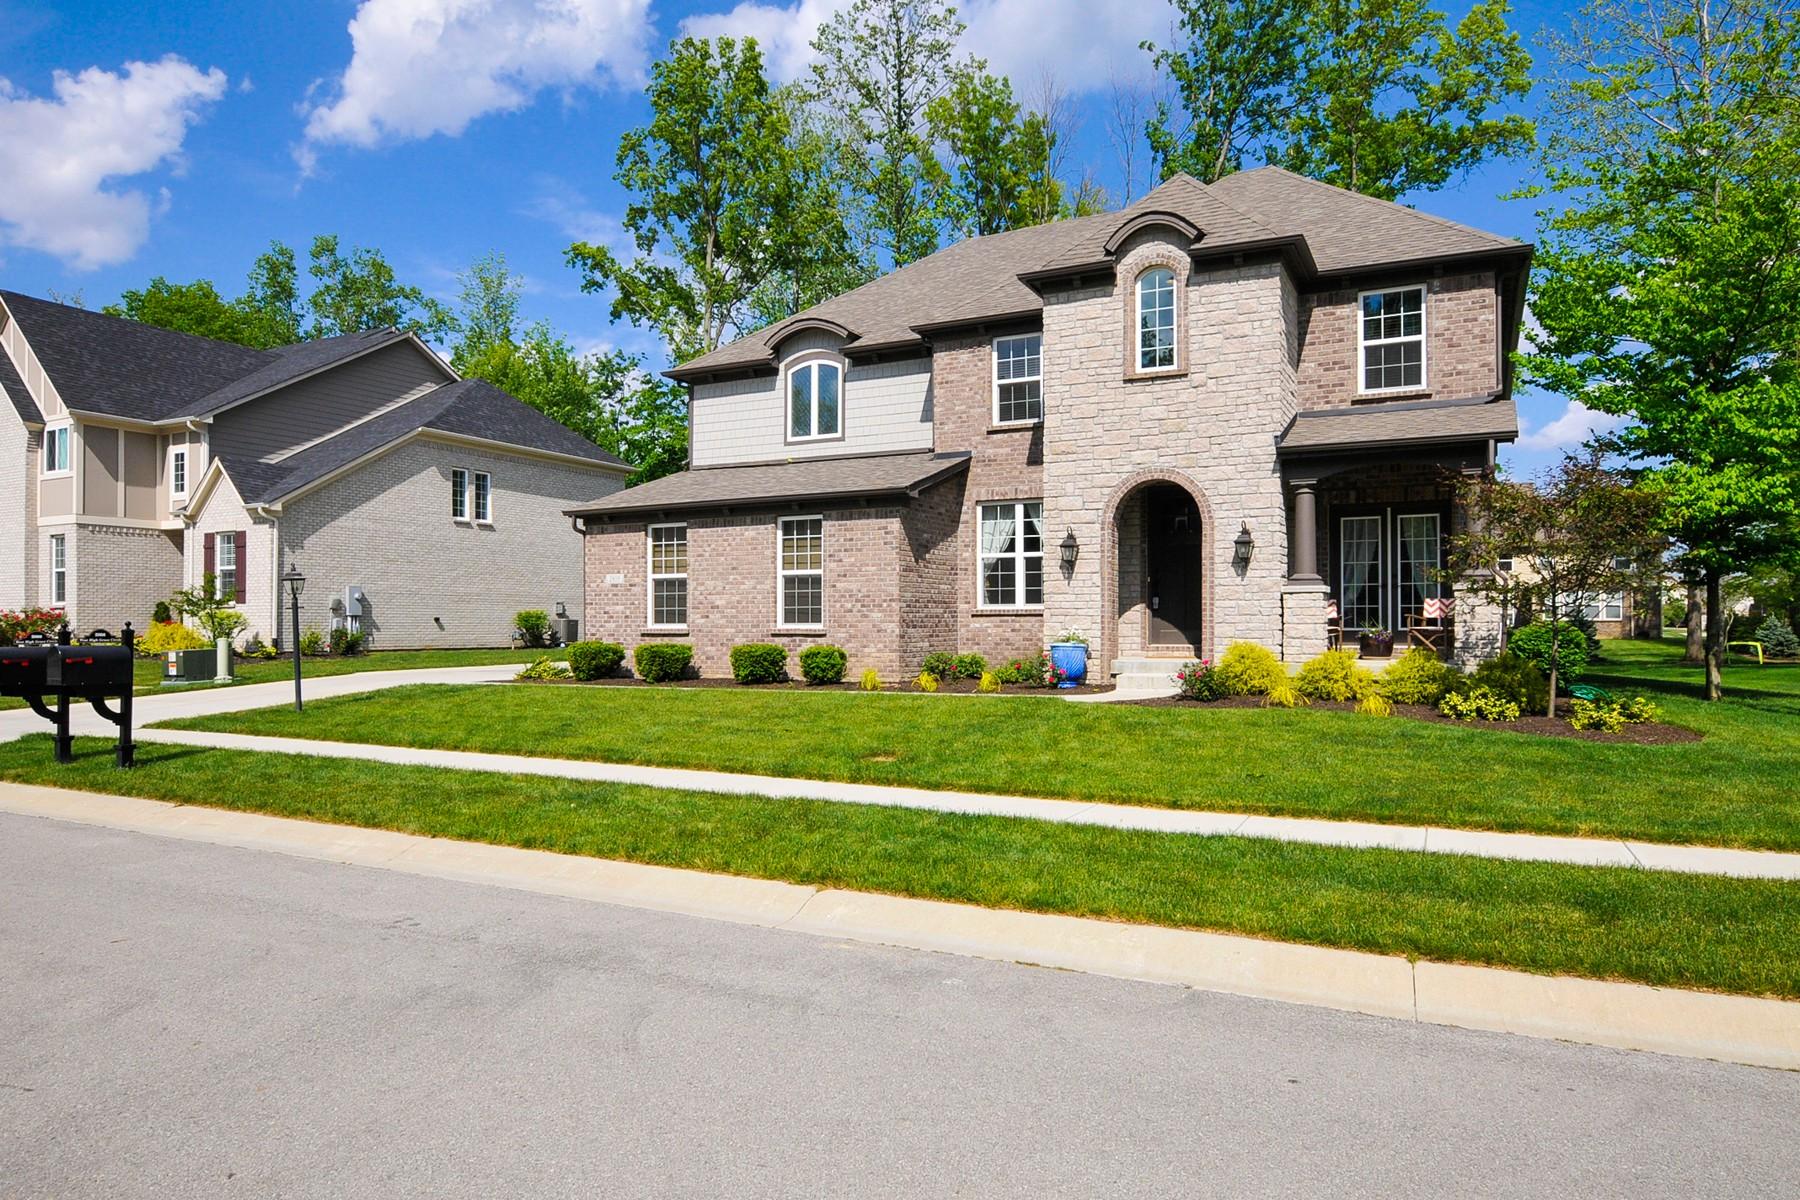 Casa para uma família para Venda às Dream Home on Beautiful Lot 2809 W. High Grove Circle Zionsville, Indiana, 46077 Estados Unidos